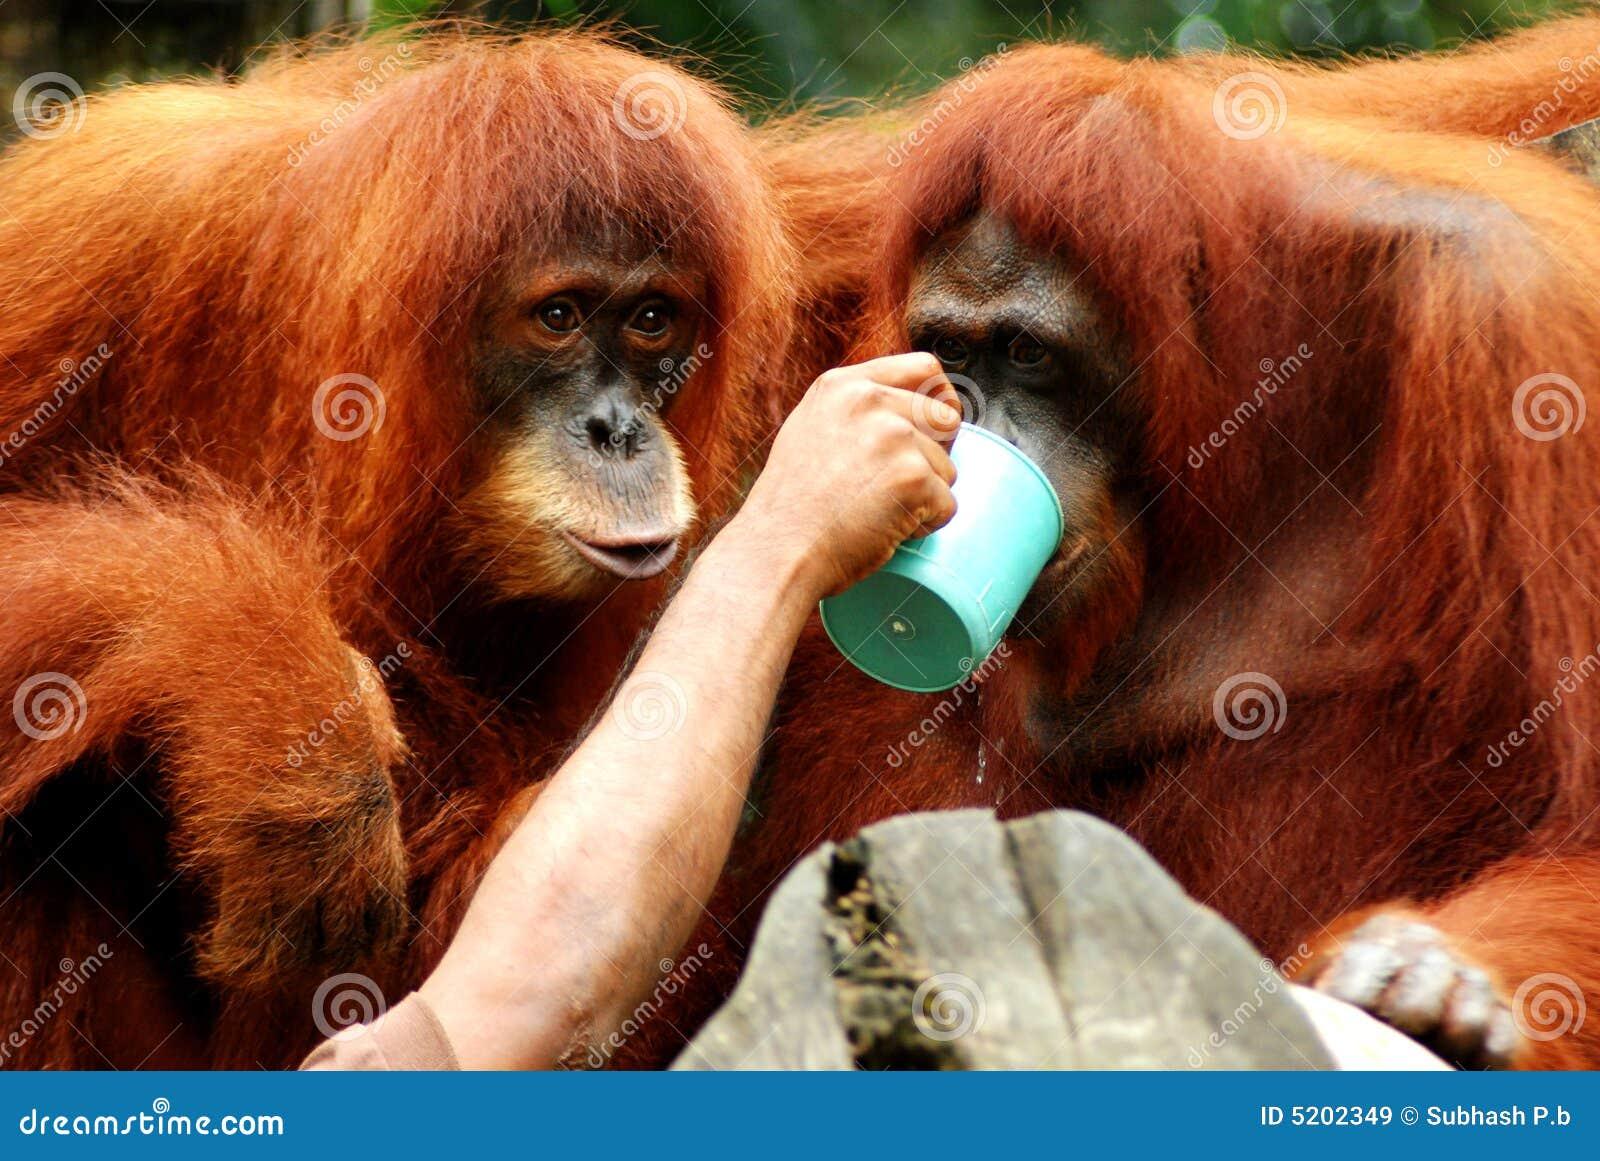 Helpend hand - orang-oetan utans